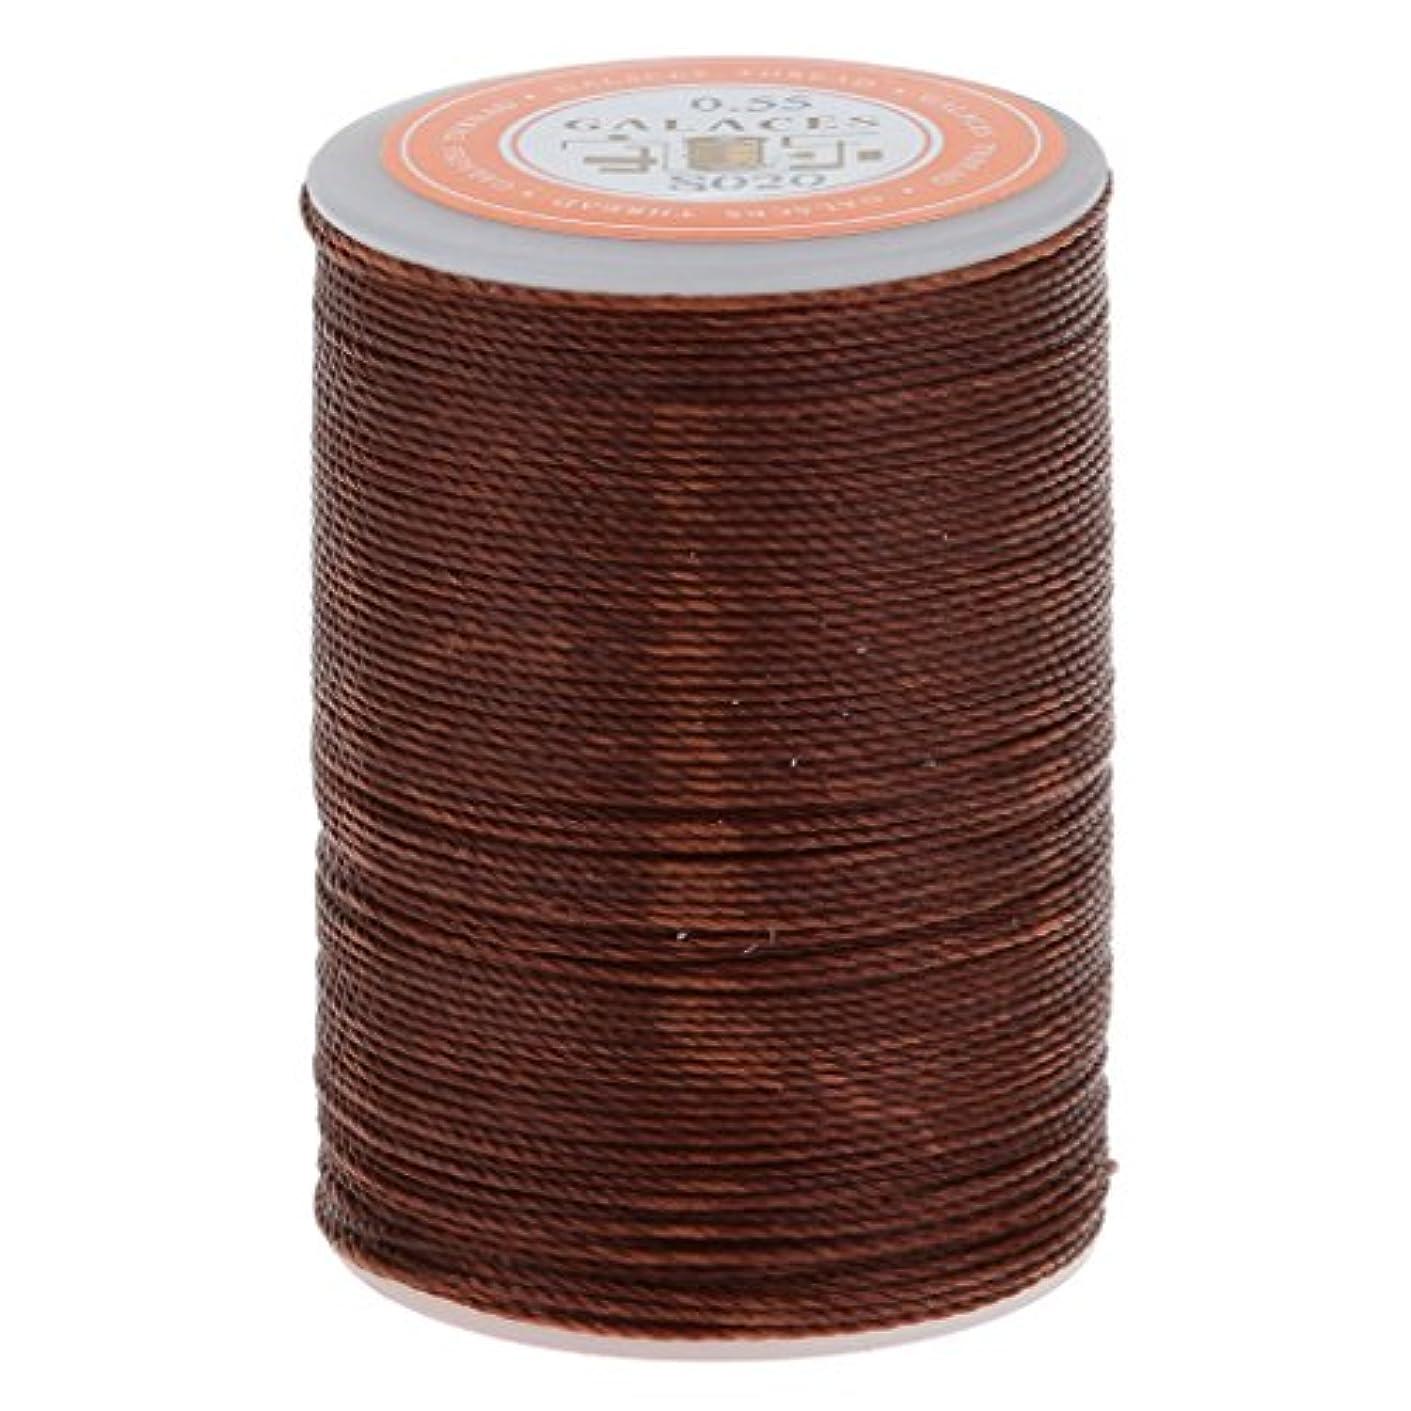 干渉するムスコジオスコDovewill レザークラフト 手芸 縫製 ミシン糸 縫い糸 ワックひも 織りスレッド 実用 全2サイズ3色 - ダークブラウン, 0.55mm